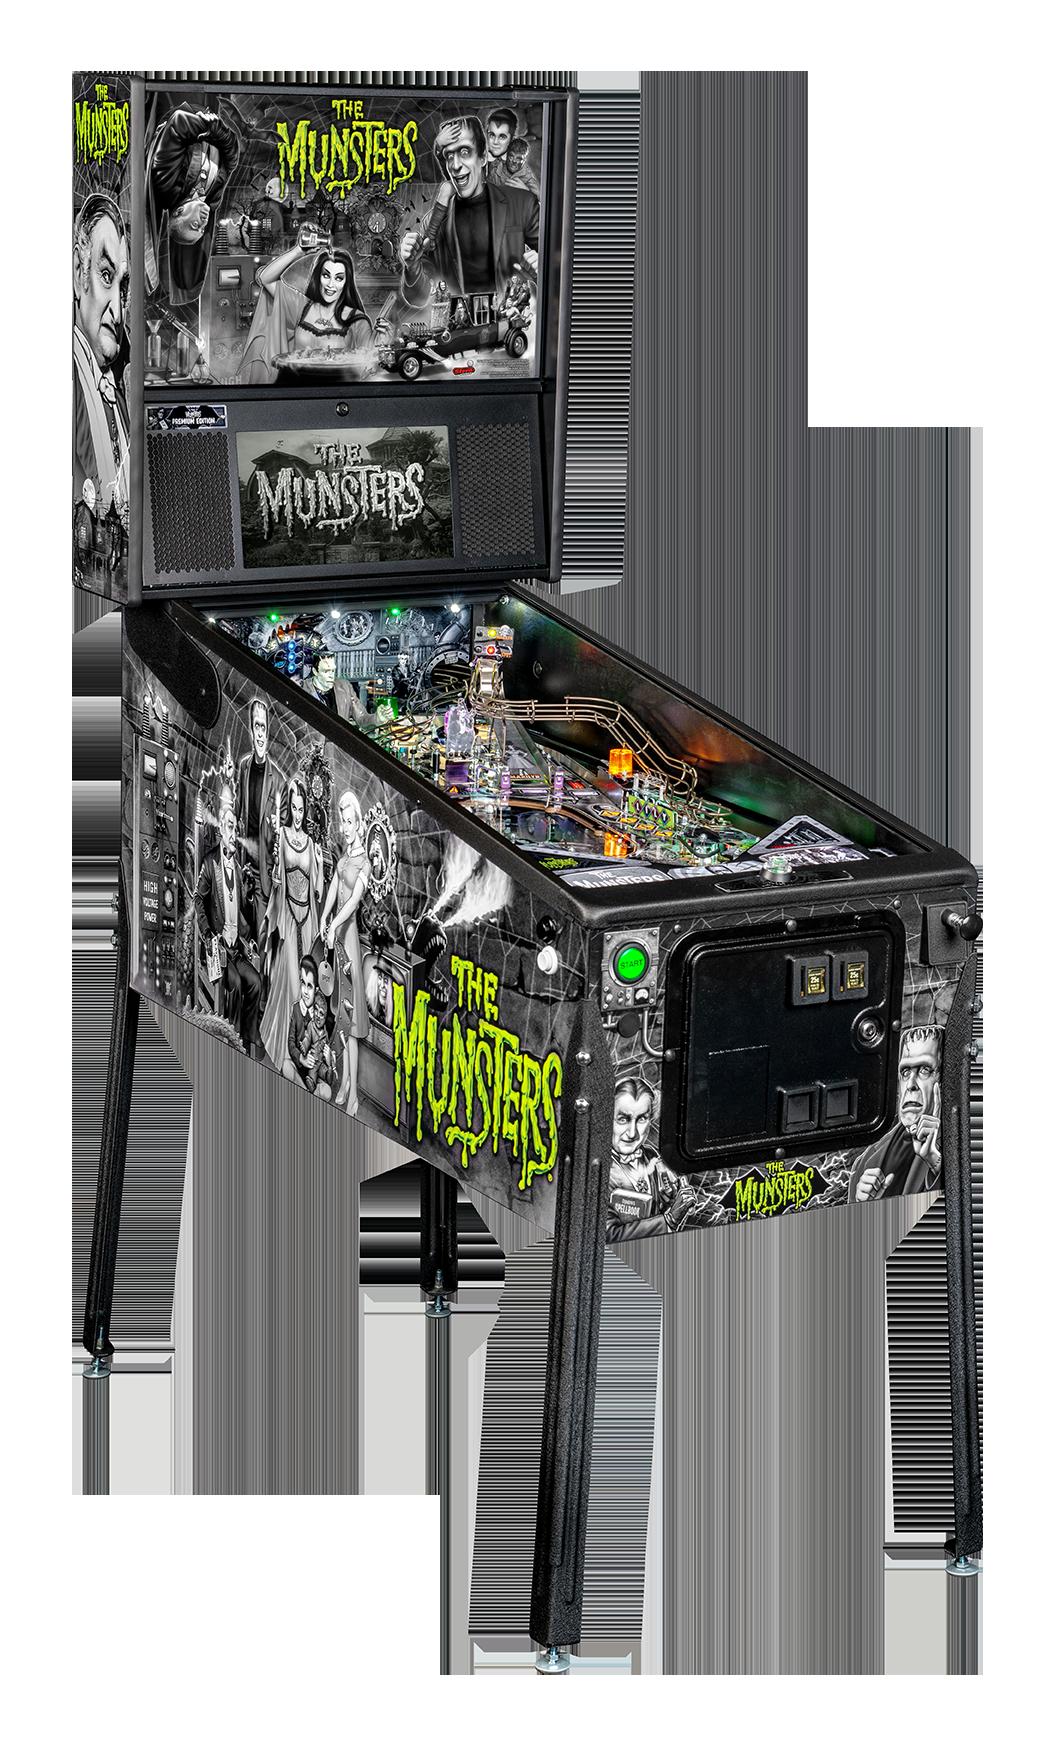 Munsters-Pinball-Premium-Cabinet-RF